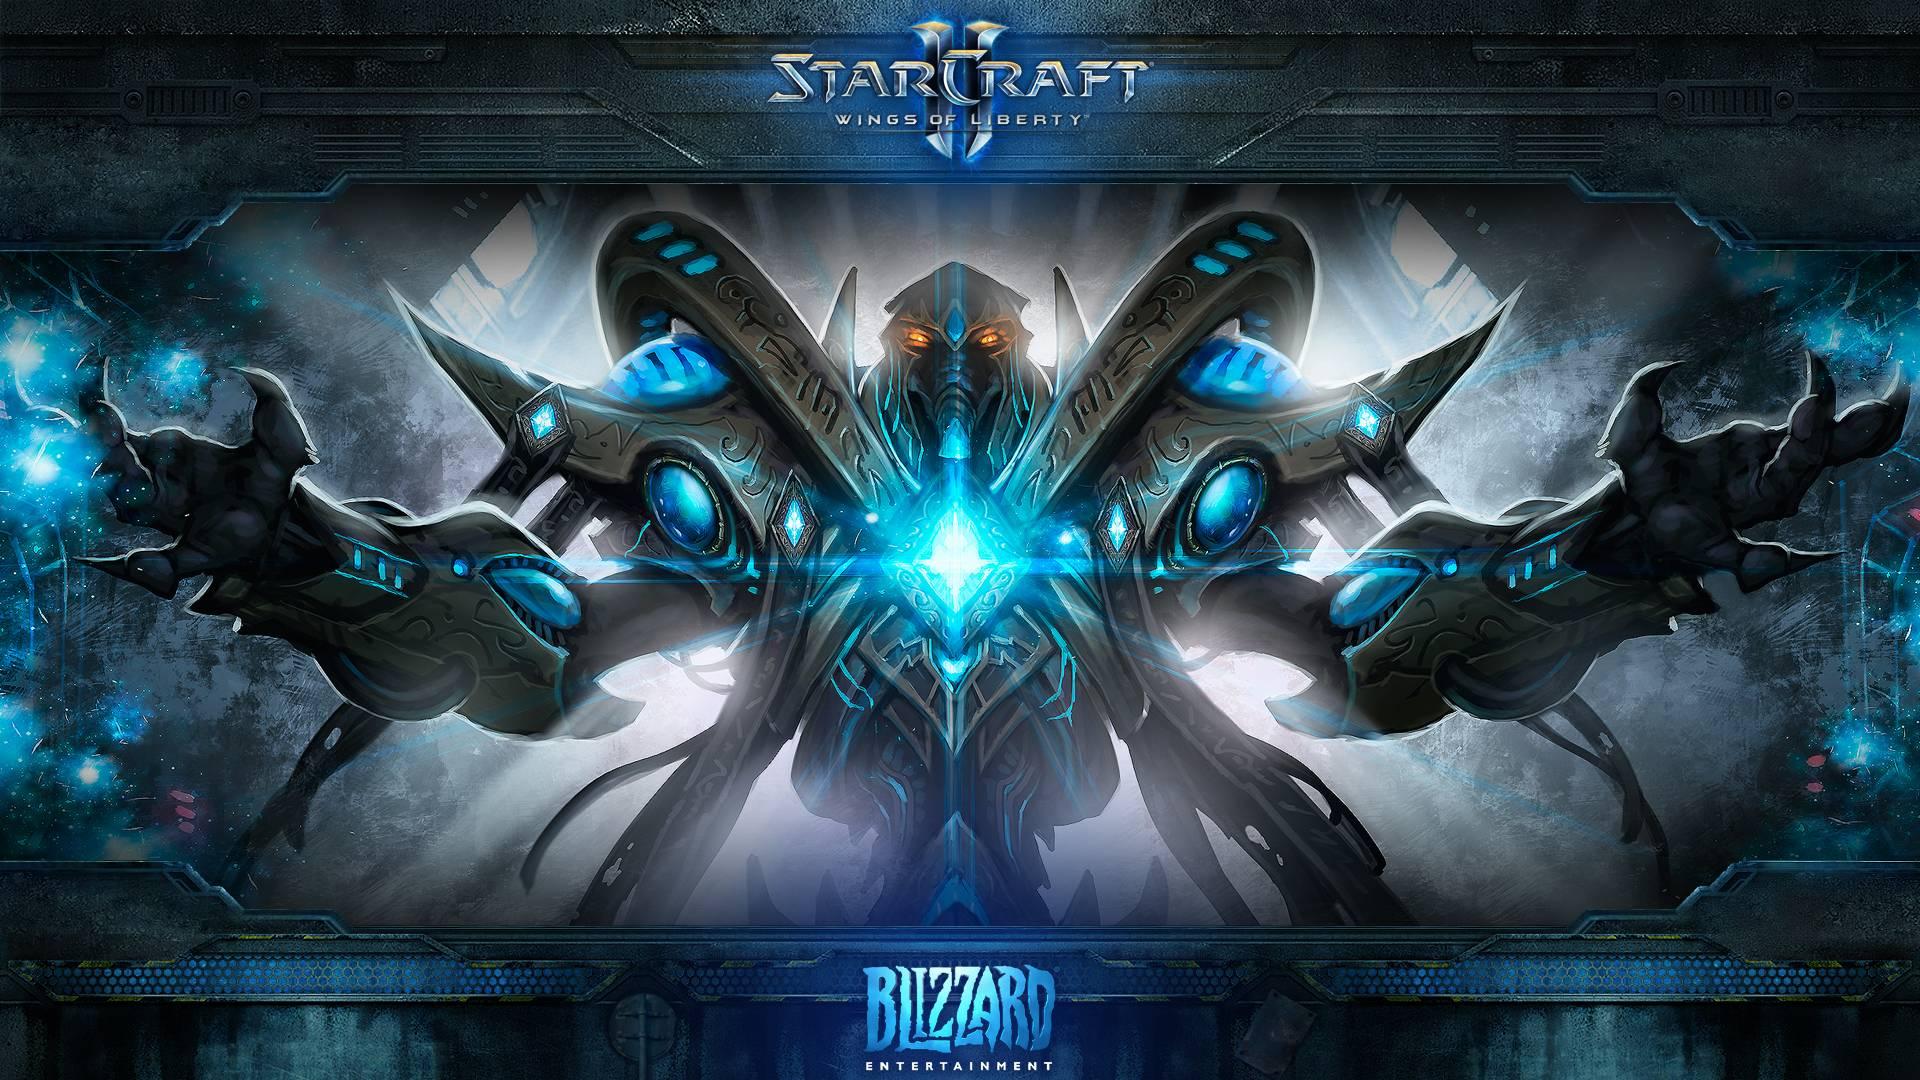 StarCraft Wallpapers x Wallpaper